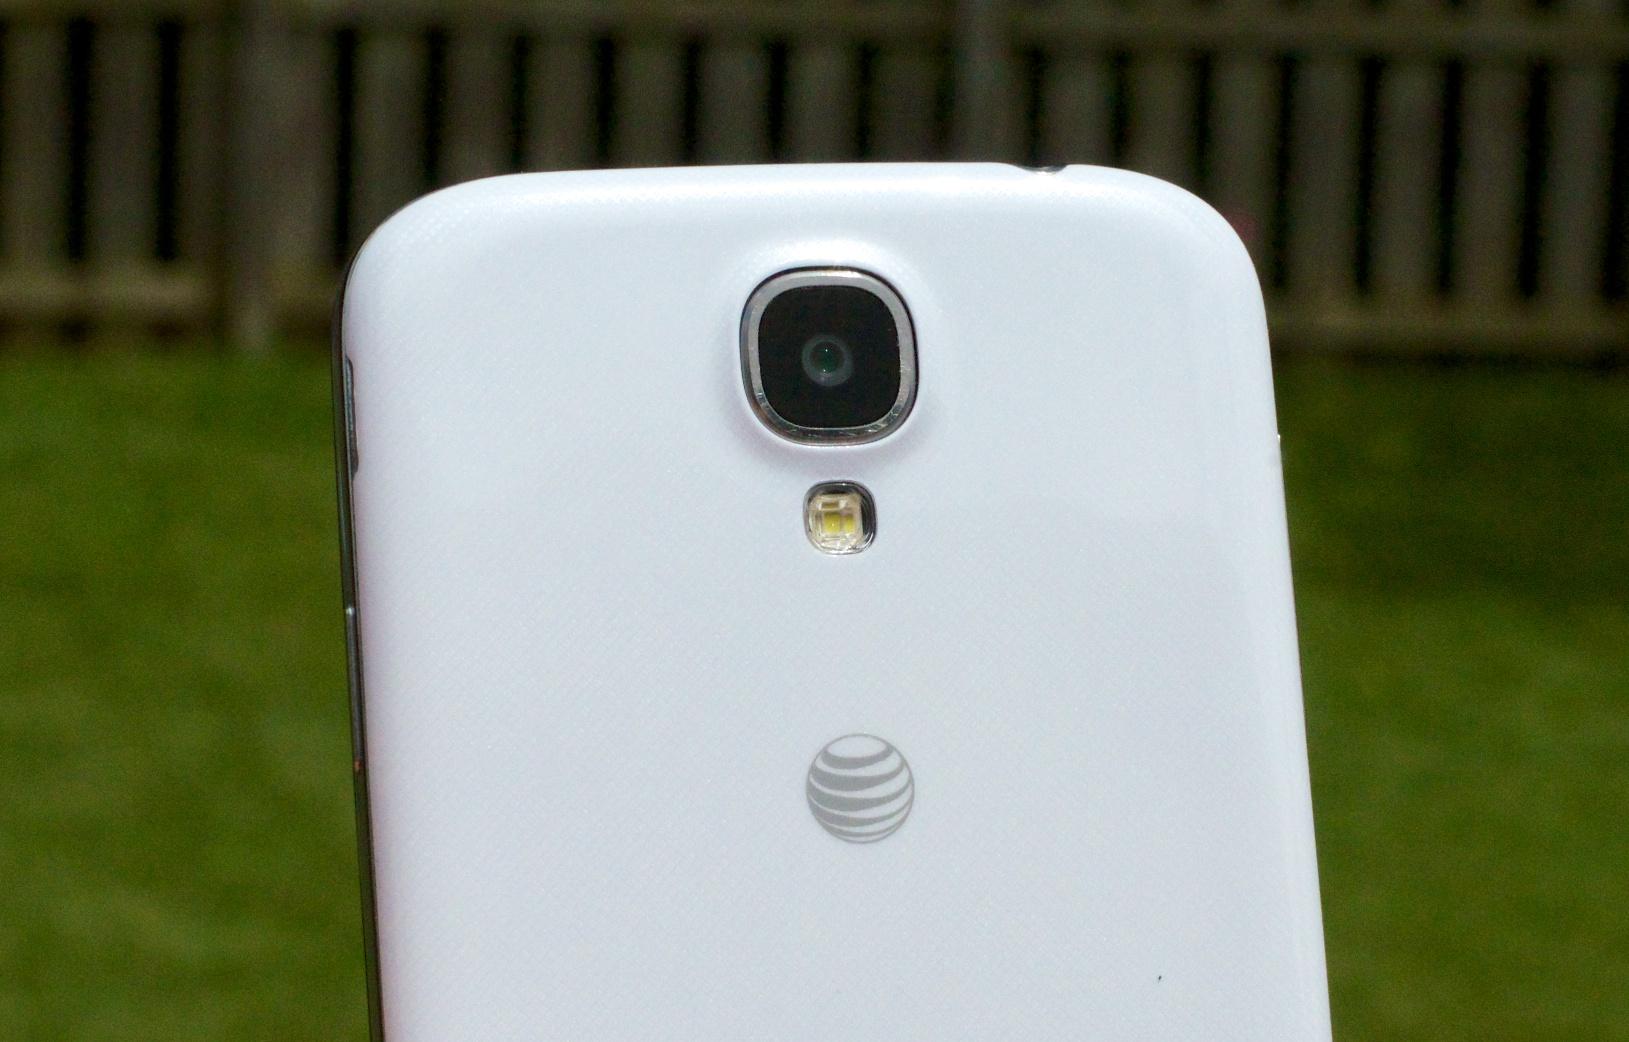 Galaxy Note 3 kan ha en förbättrad kamera med en 13MP -sensor som Galaxy S4.